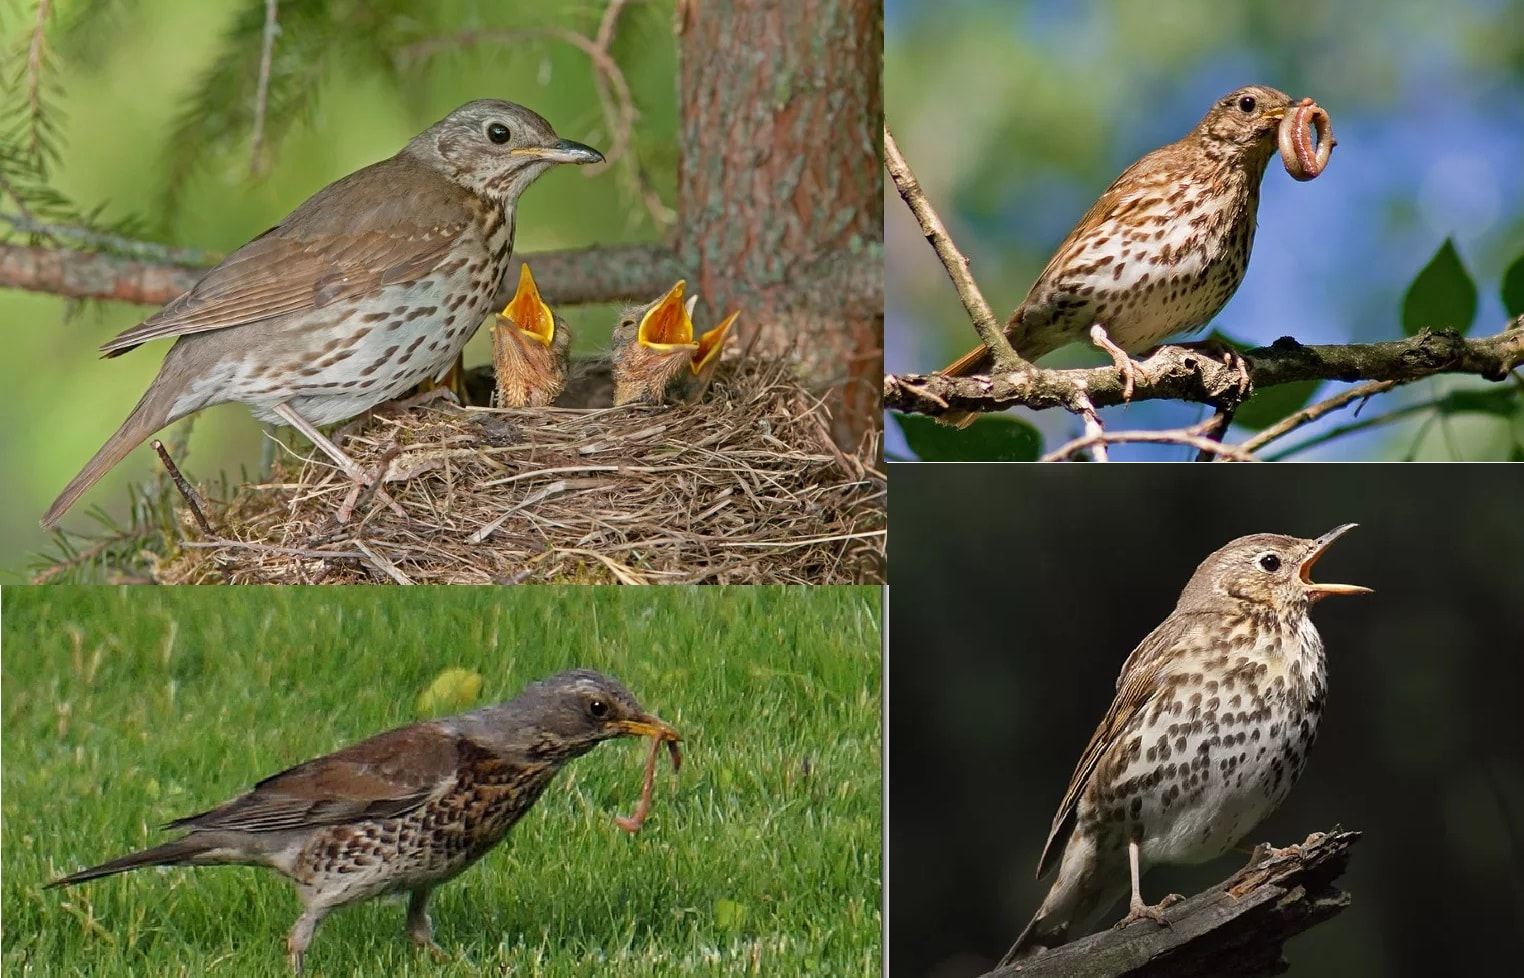 Певчий дрозд. Фотографии перелетной птицы